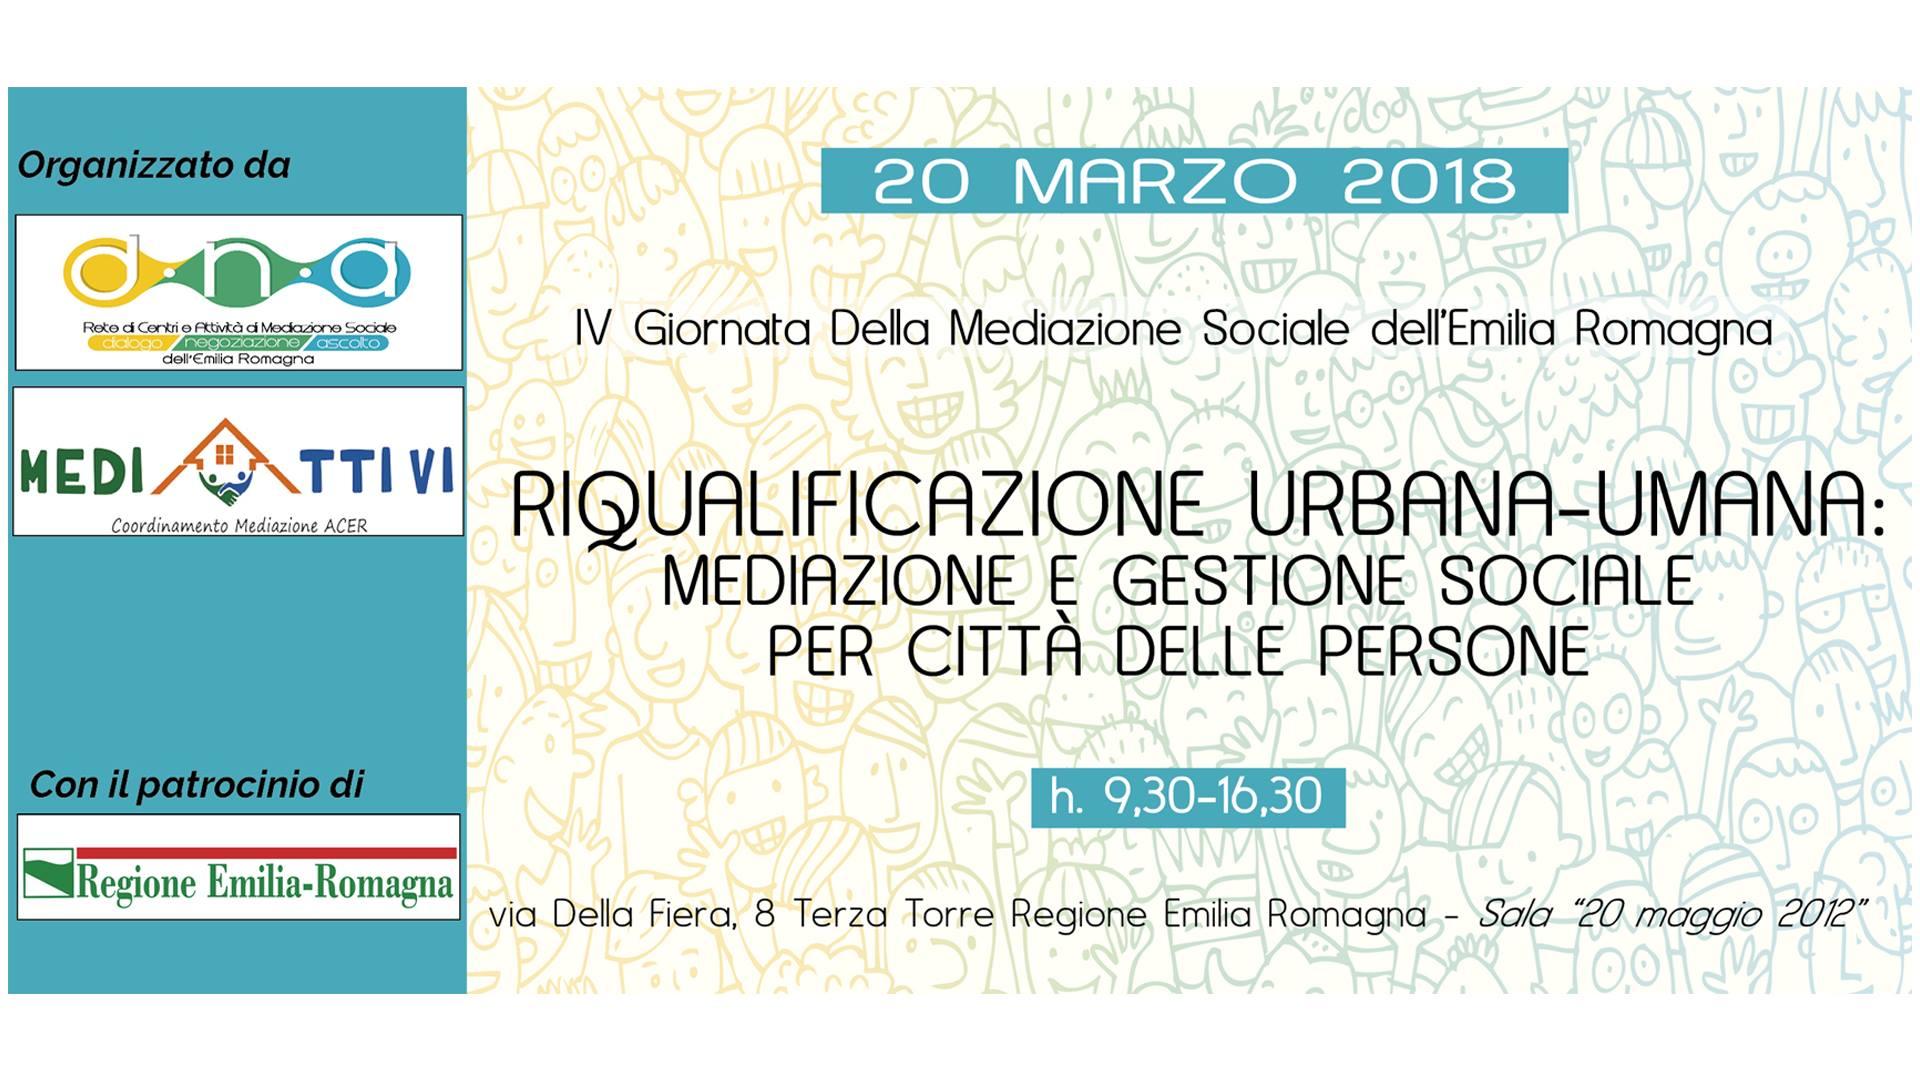 """""""Riqualificazione urbana-umana"""": il 20 marzo a Bologna un seminario in occasione della Giornata Regionale della Mediazione Sociale, a cura della Rete D.N.A. e di Mediattivi"""